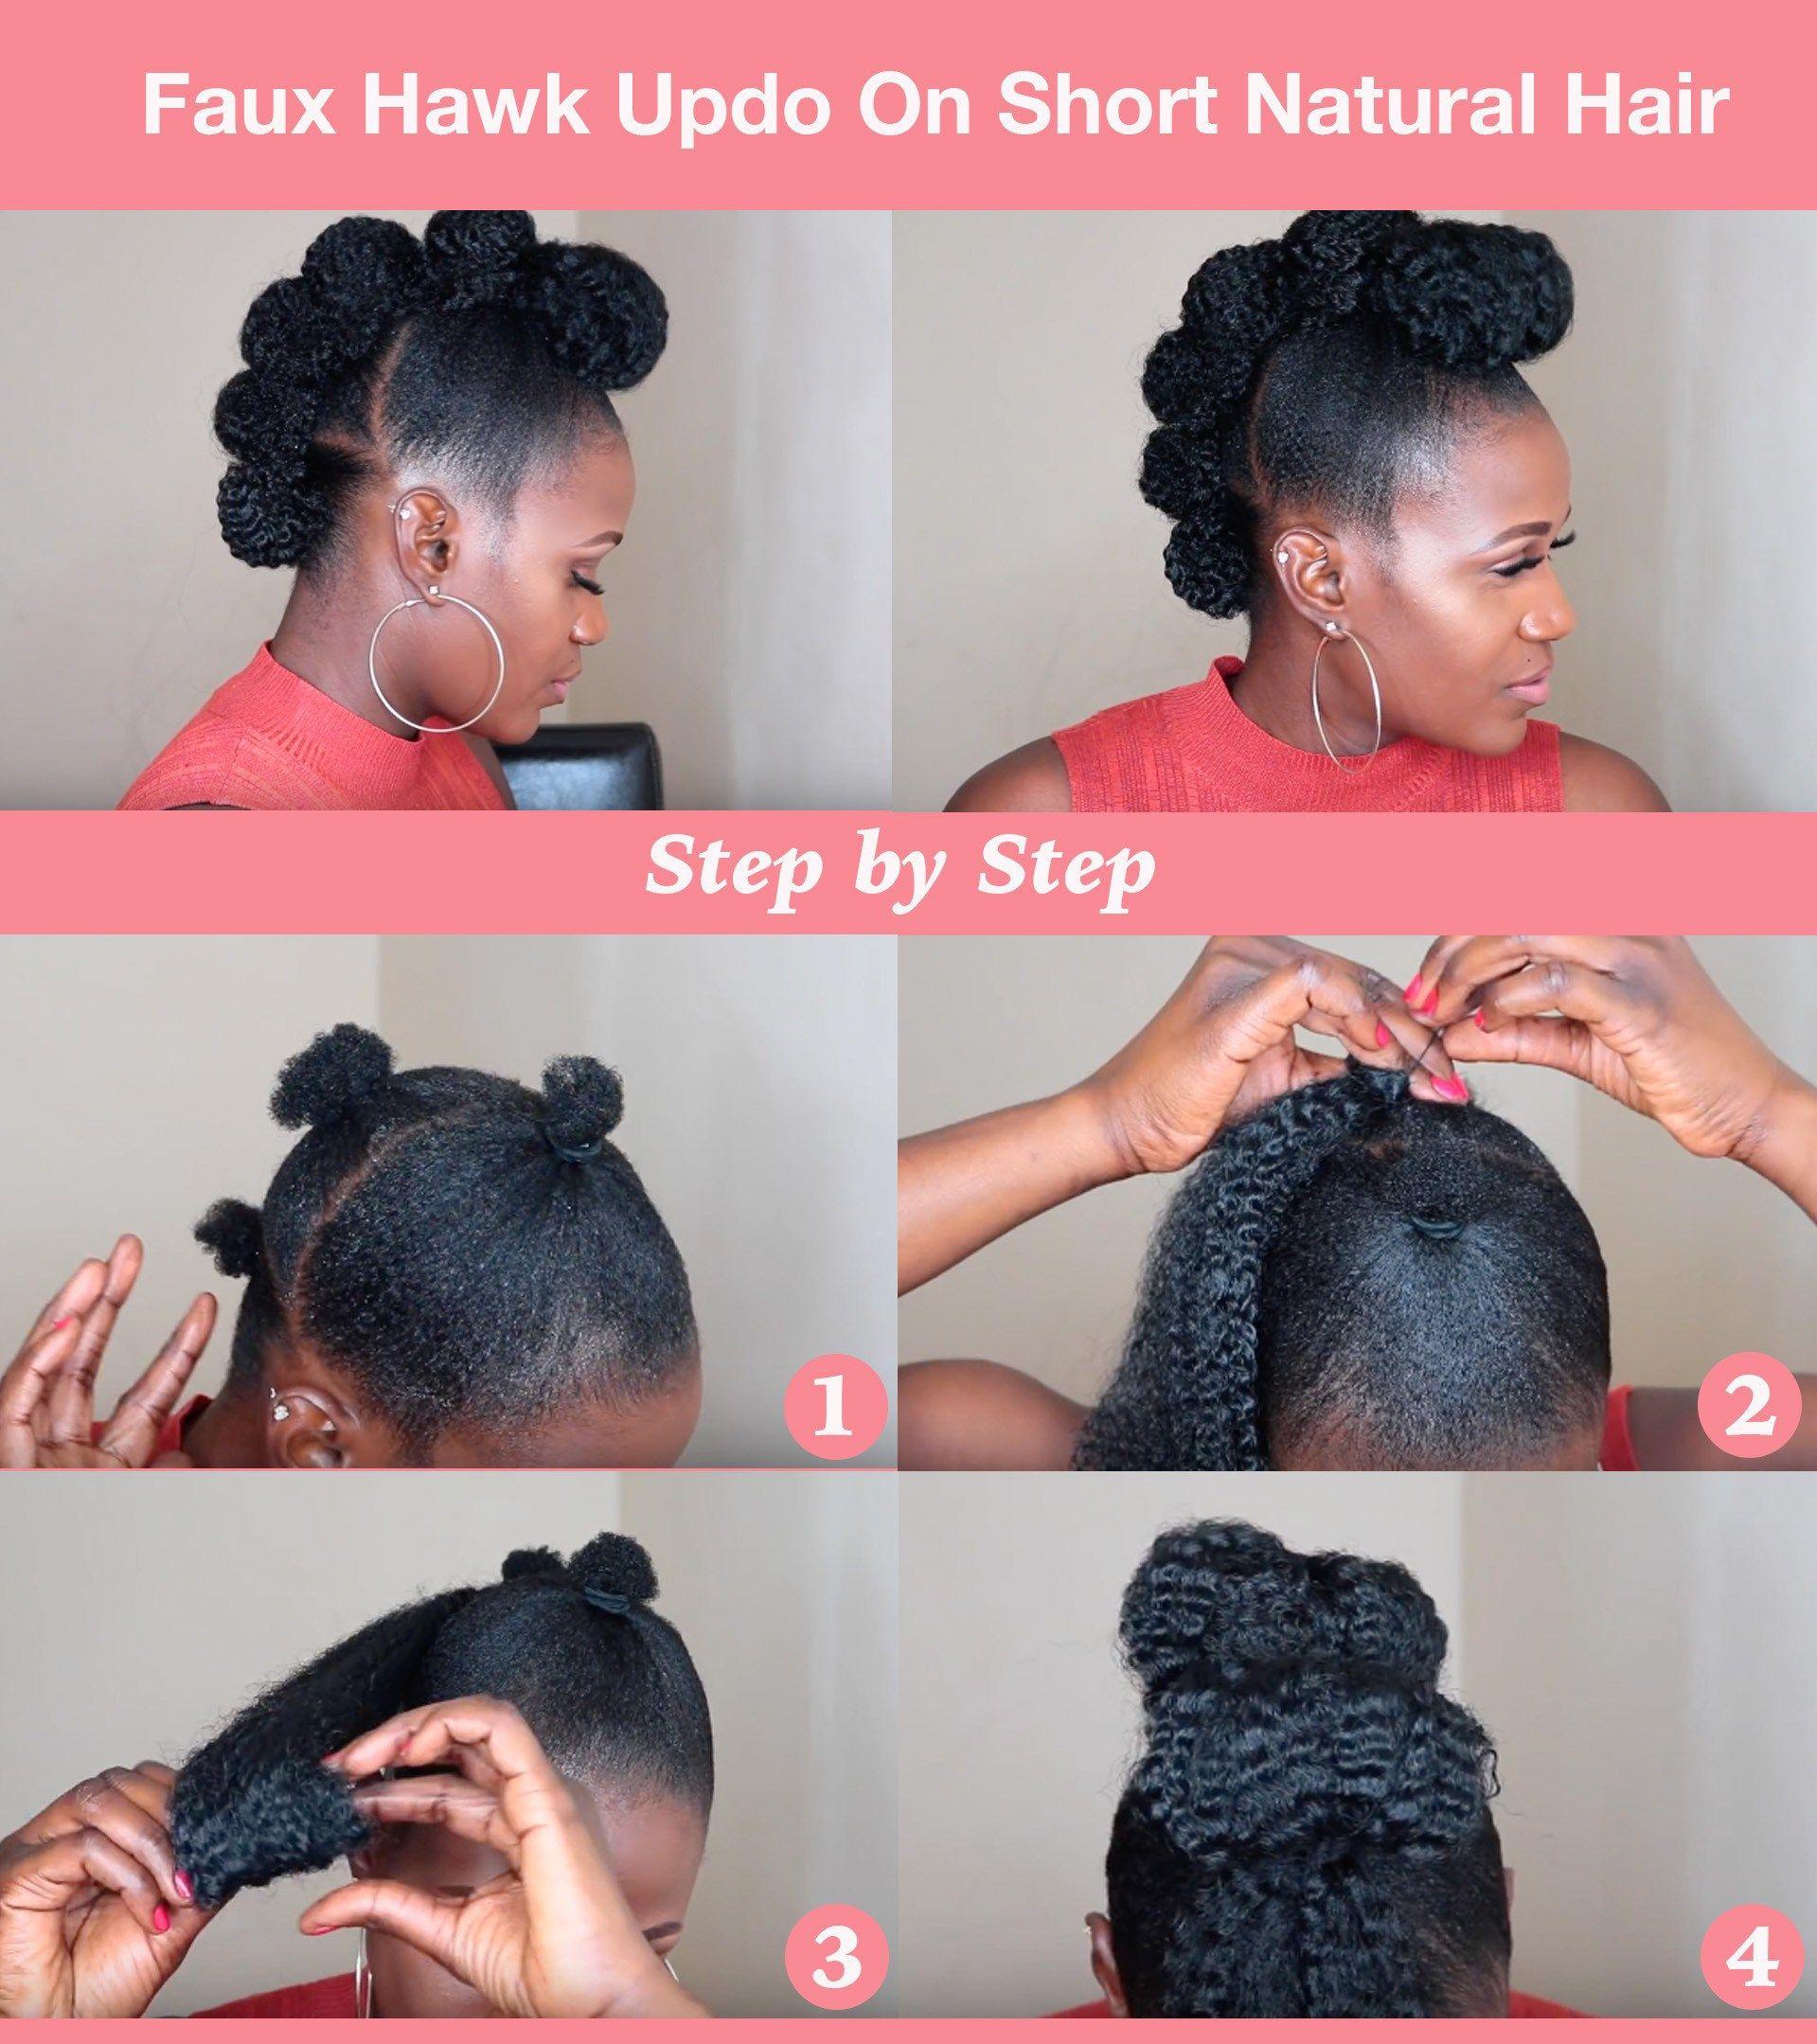 Top 6 Quick Easy Natural Hair Updos Natural Hair Updo Short Natural Hair Styles Natural Hair Styles